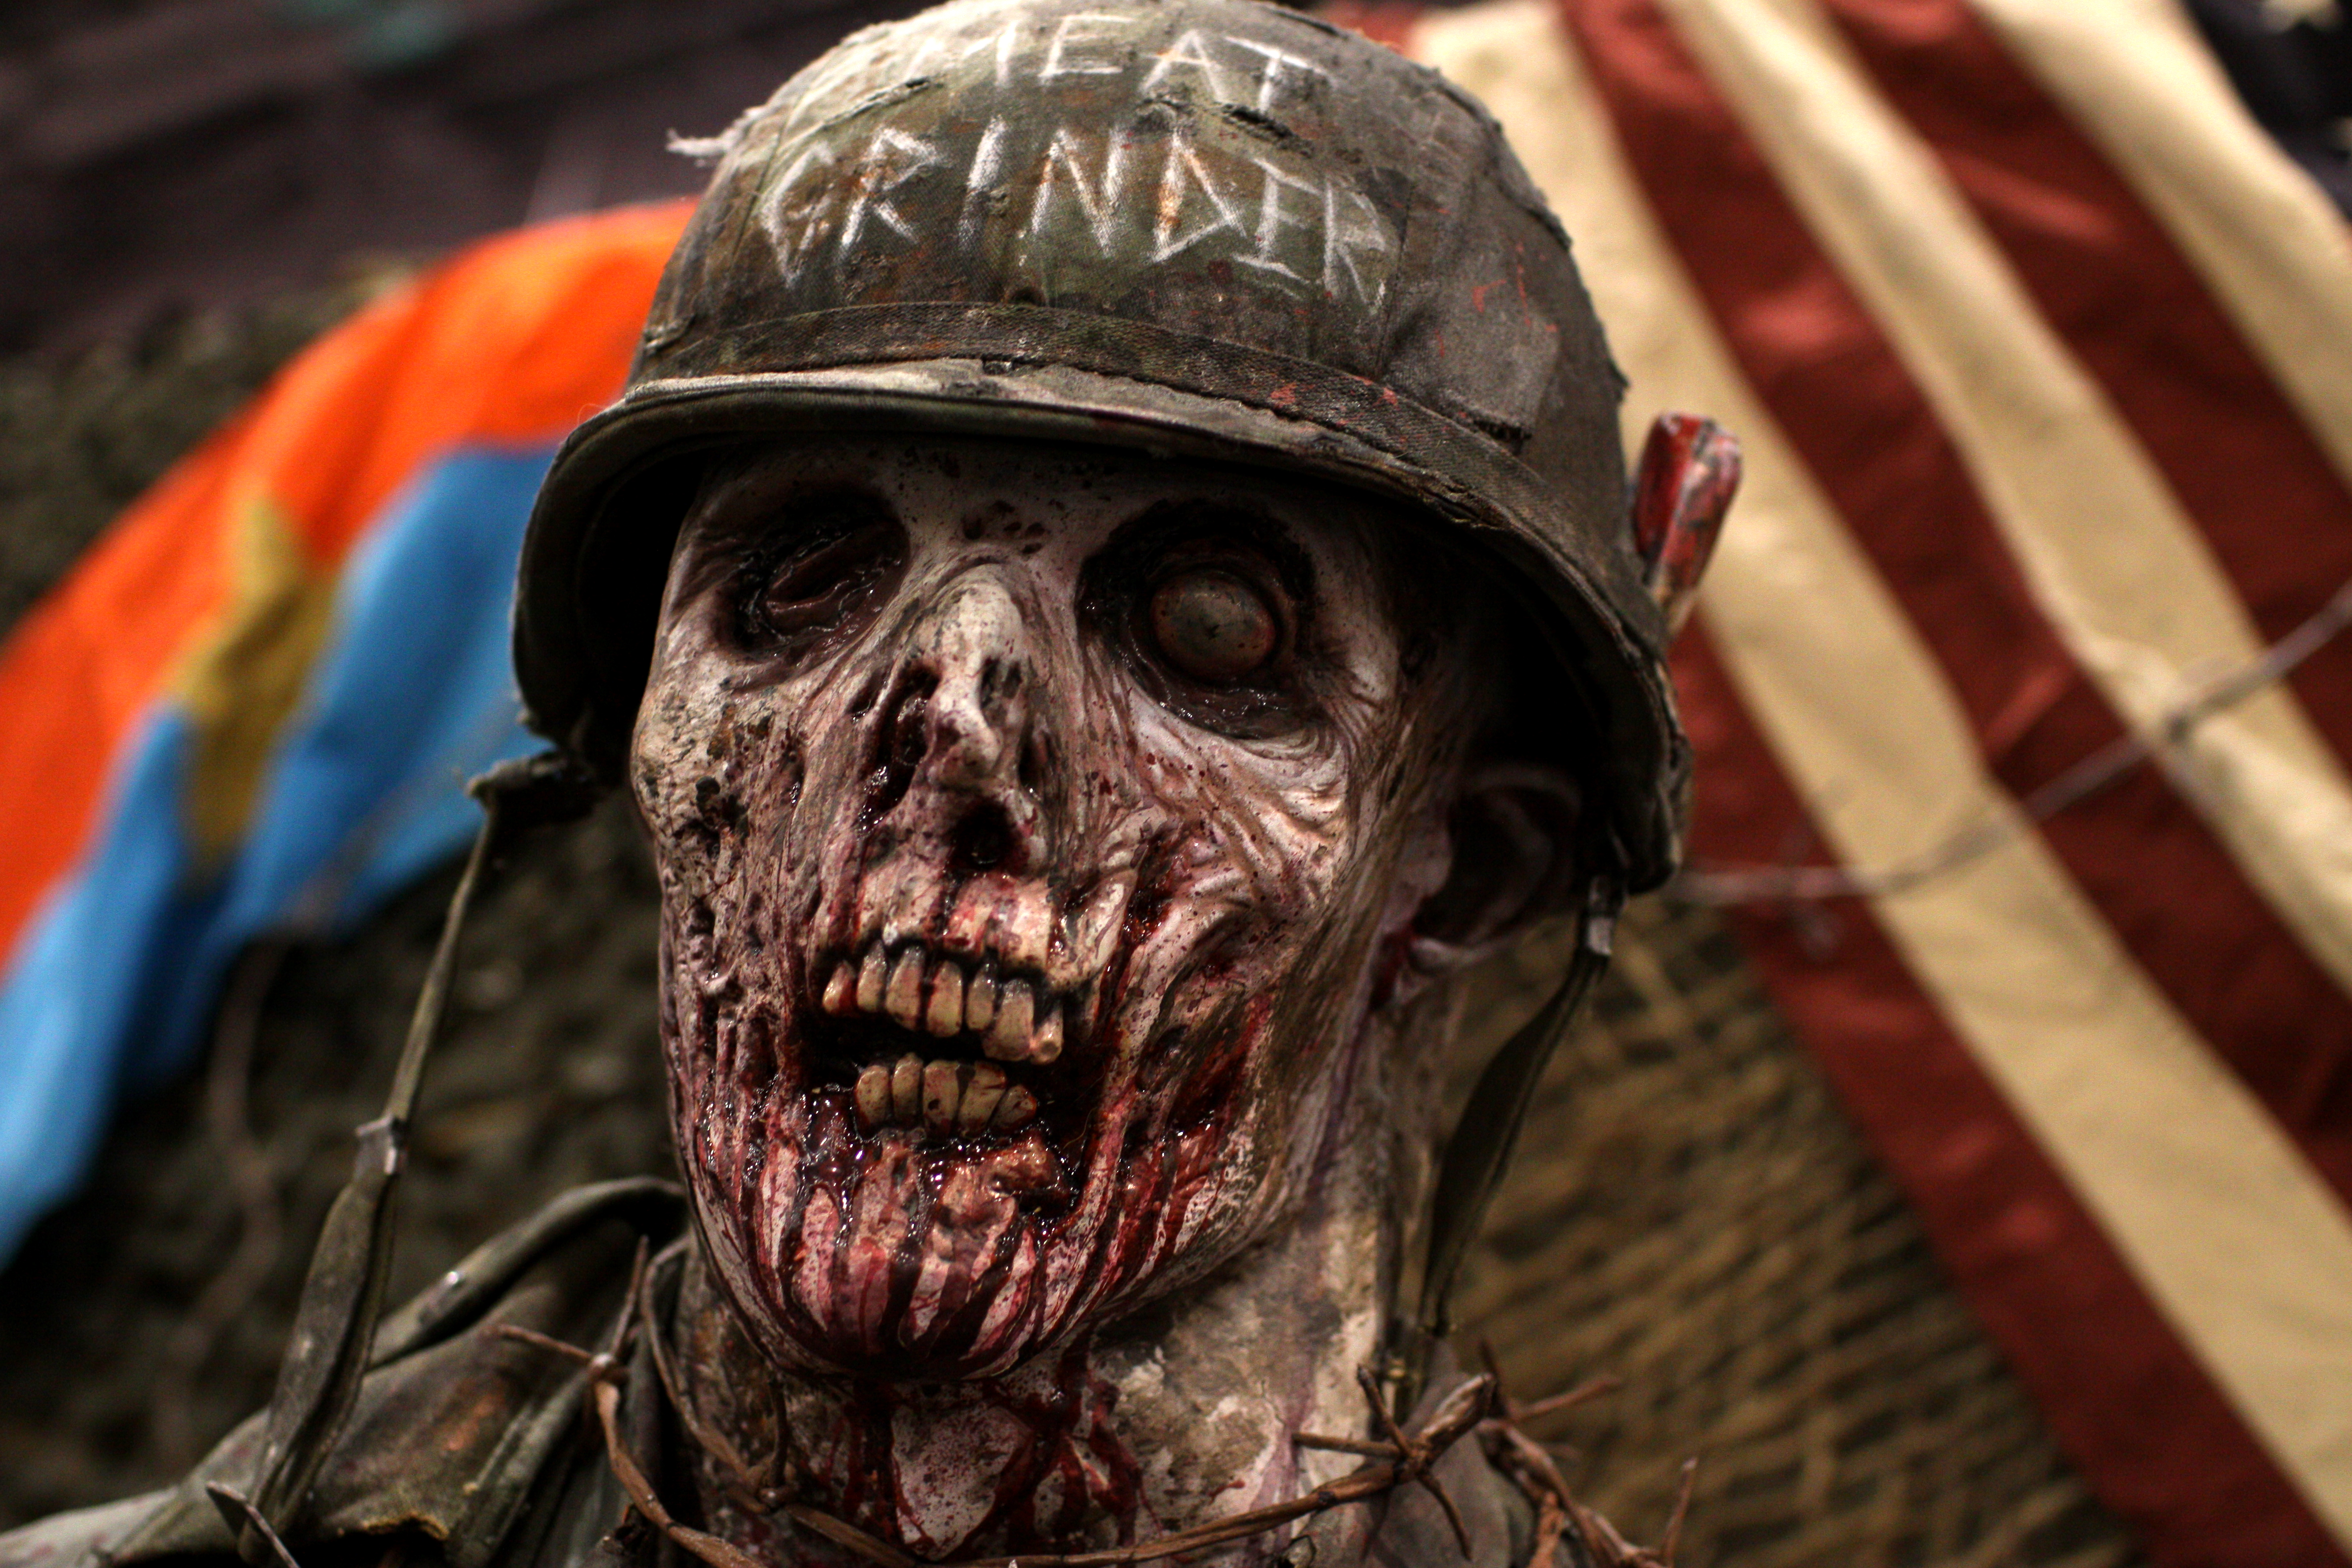 Ein Zombie | Foto: Gage Skidmore via Flickr